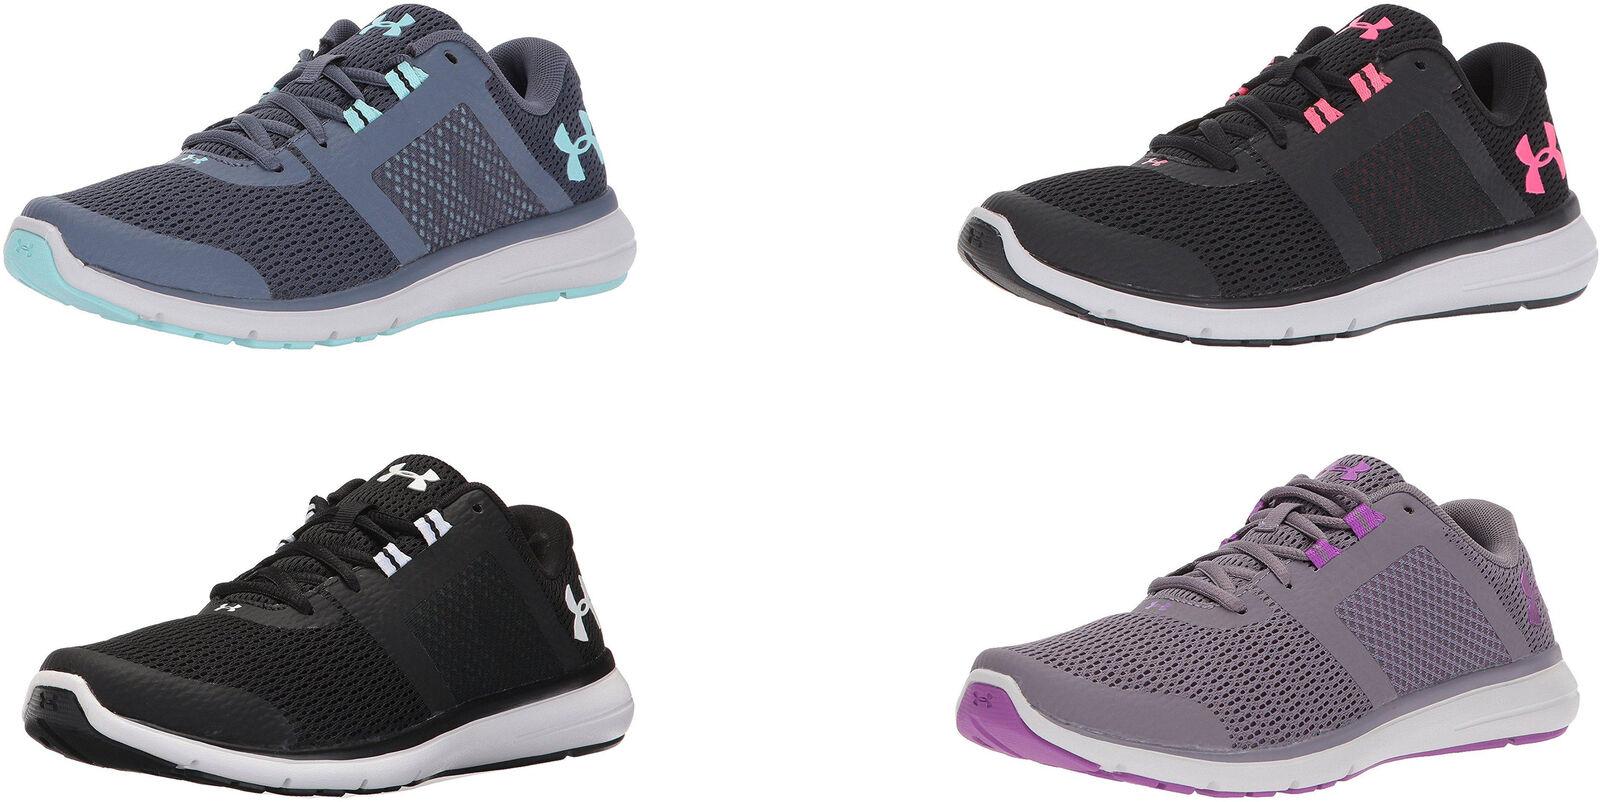 Under Armour Women's Fuse FST Shoes, 4 Colors